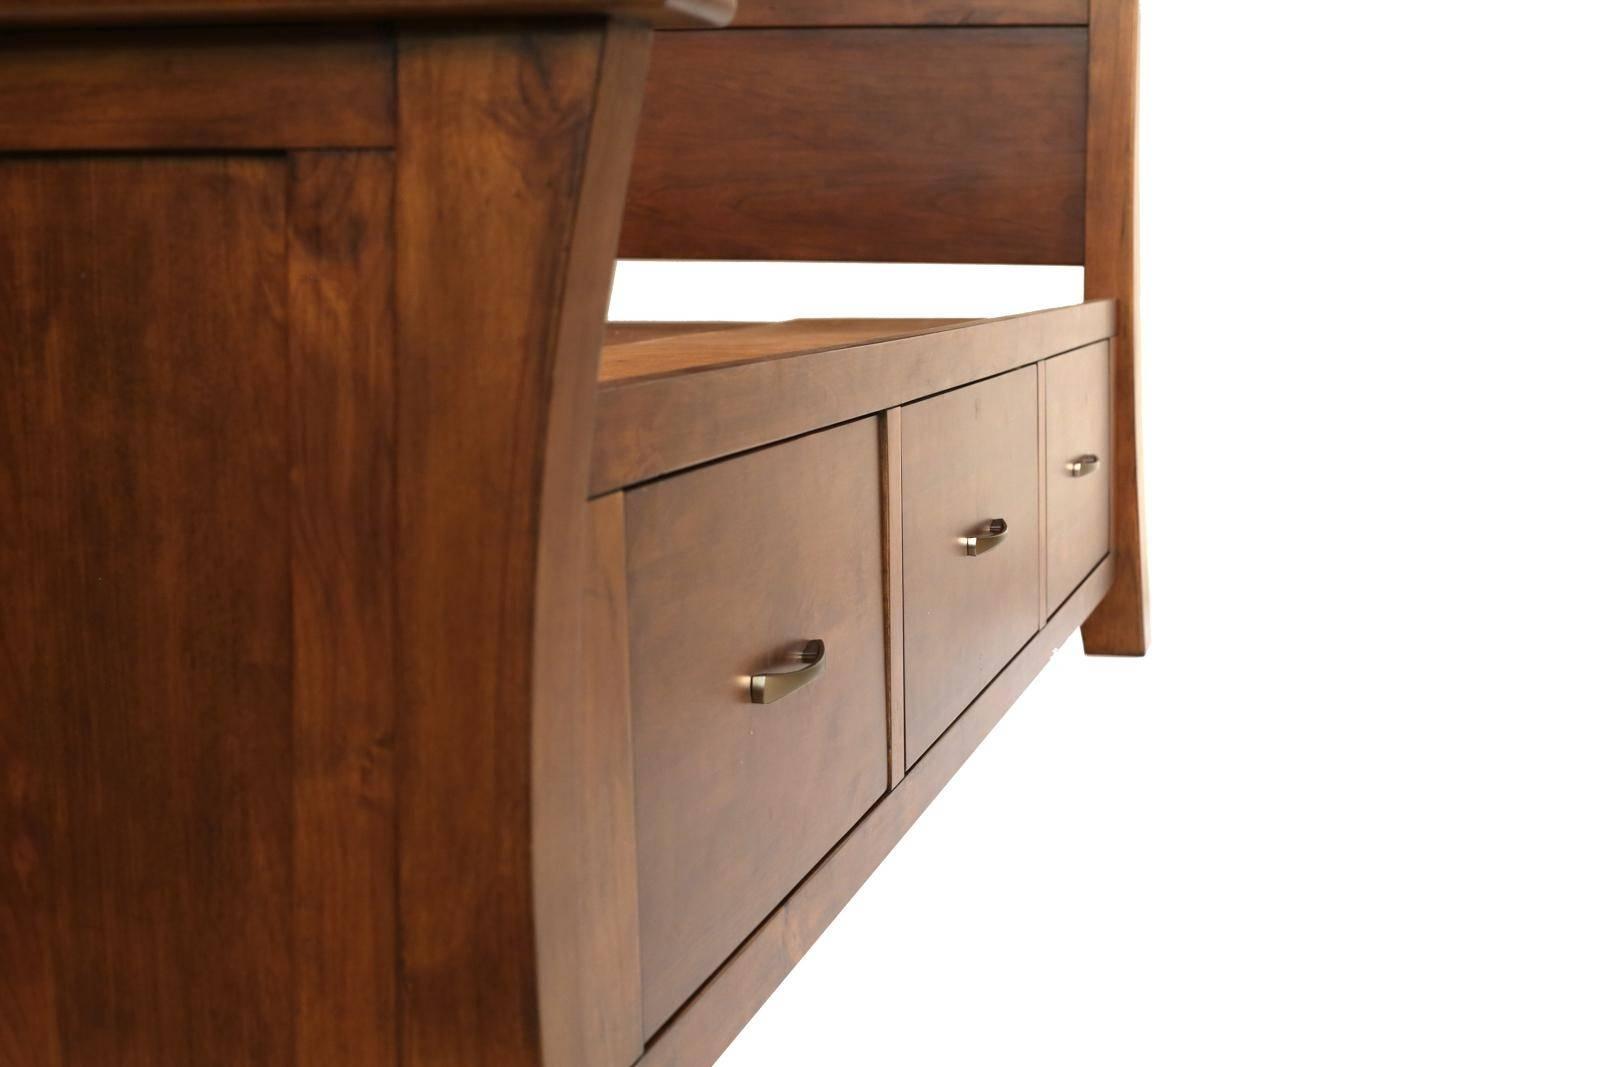 Buy A America Grant Park Queen Storage Bedroom Set 5 Pcs In Pecan Wood Online